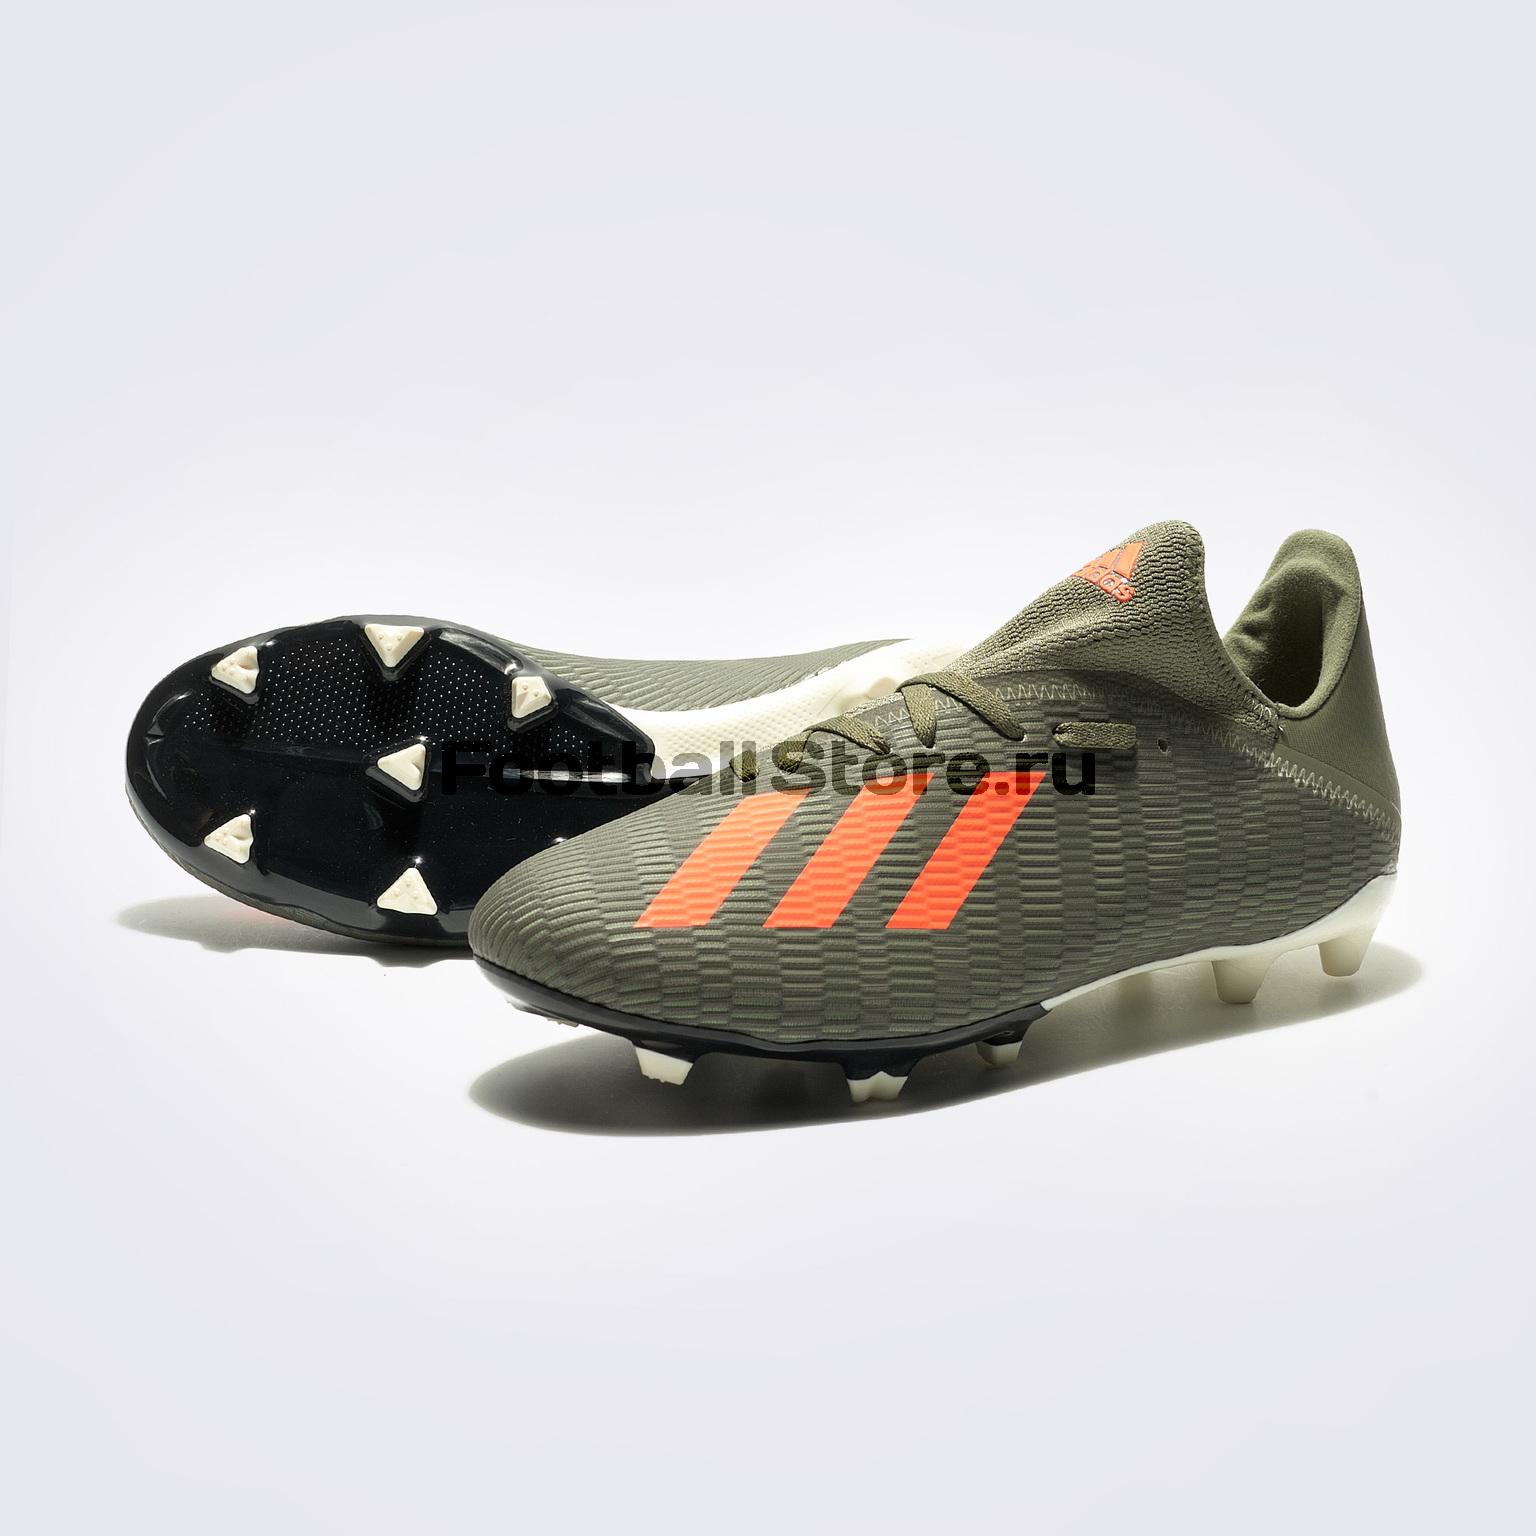 Бутсы Adidas X 19.3 FG EF8365